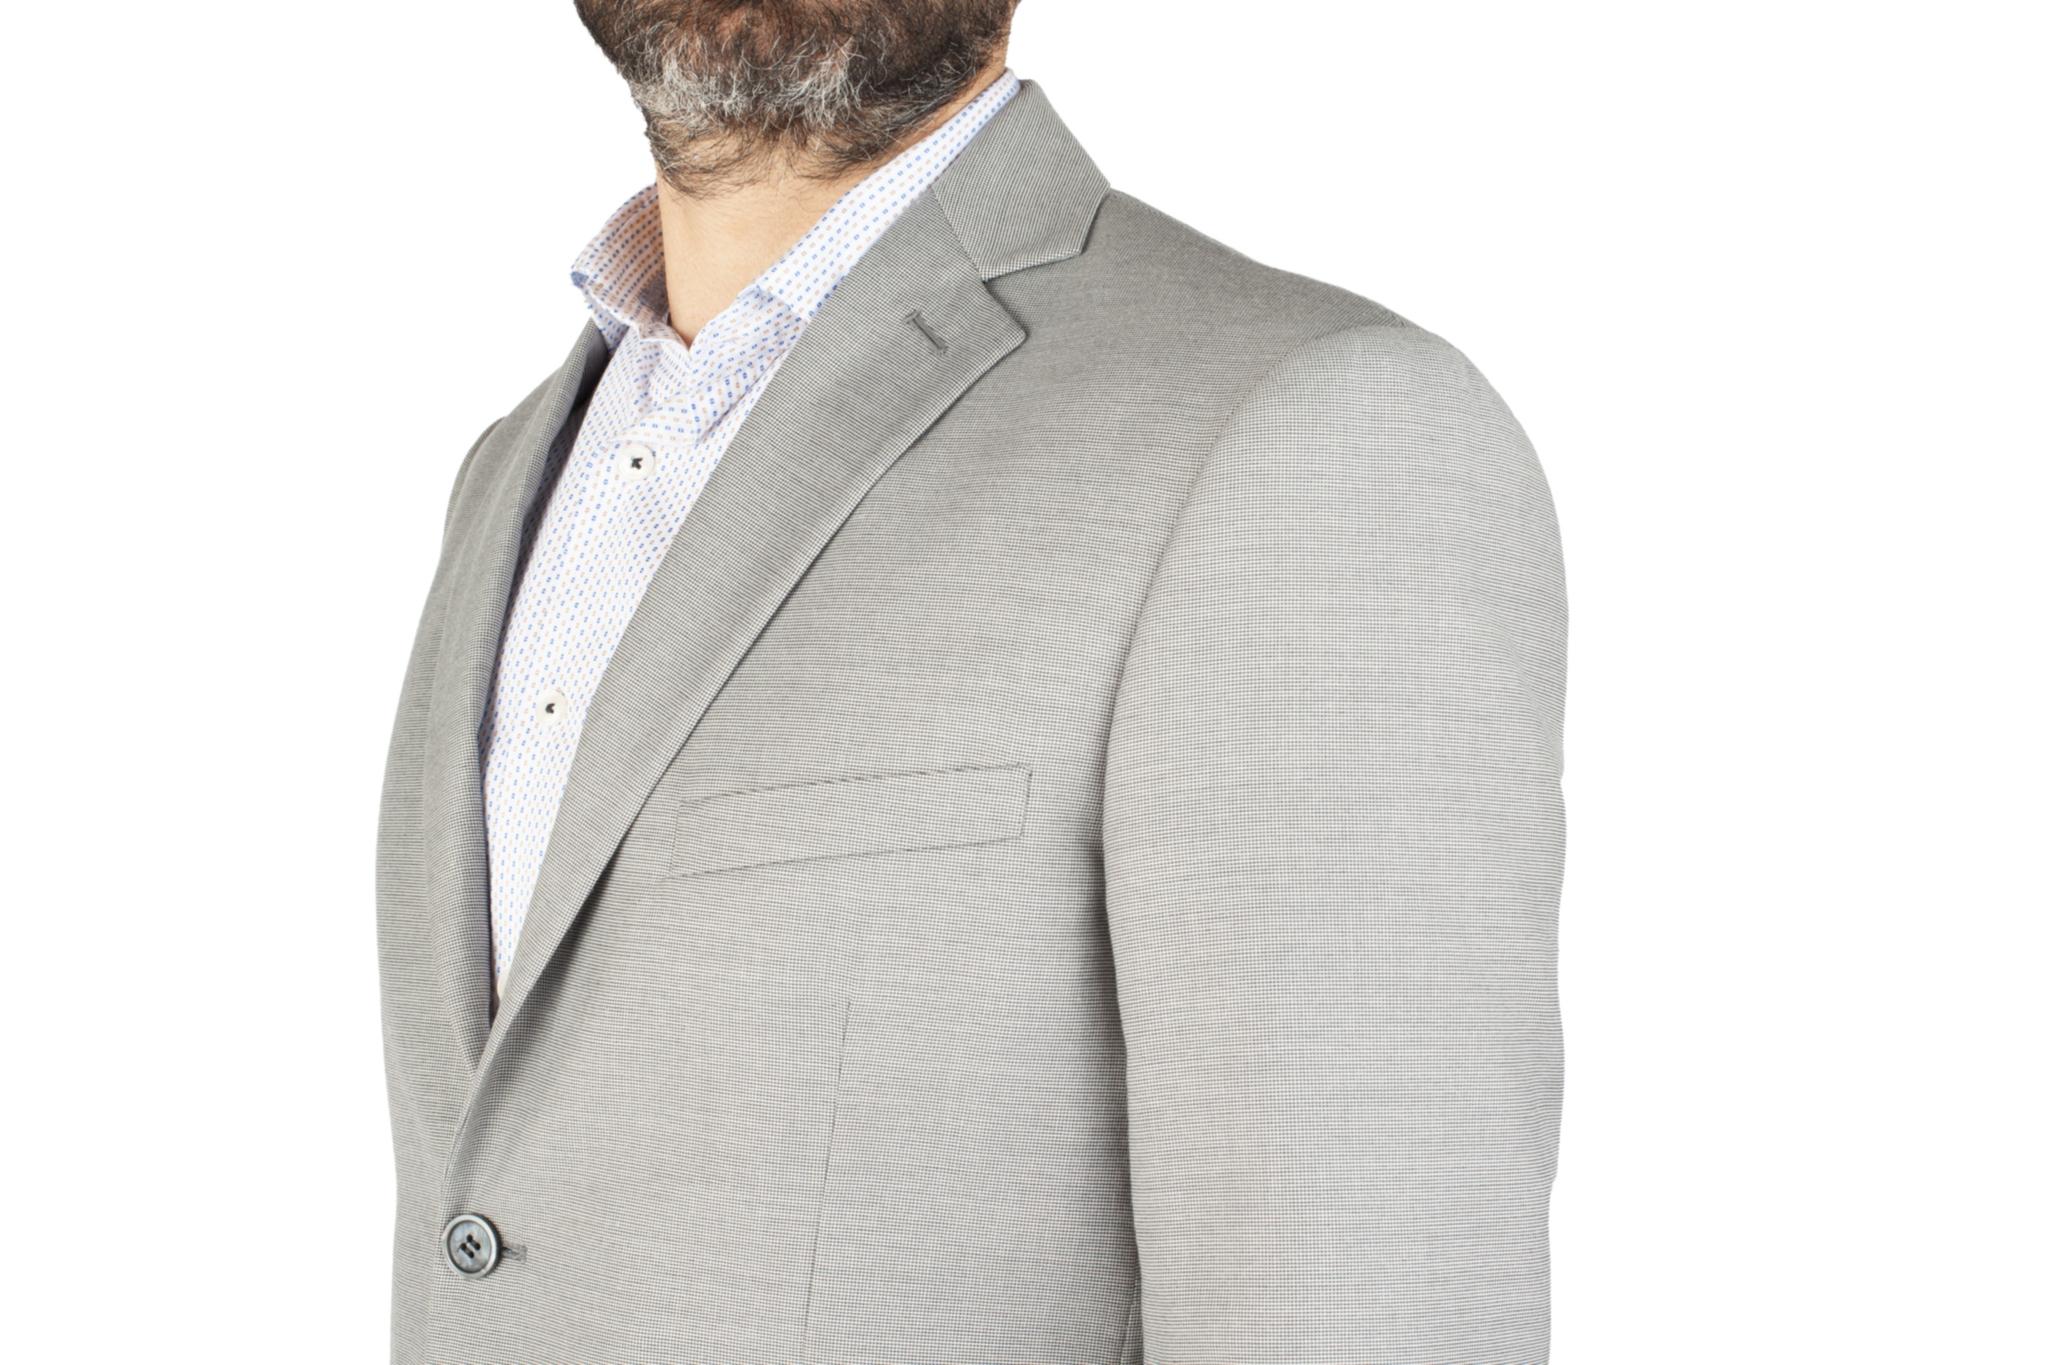 Светло-серый костюм в тёмно-серую крапинку, нагрудный карман